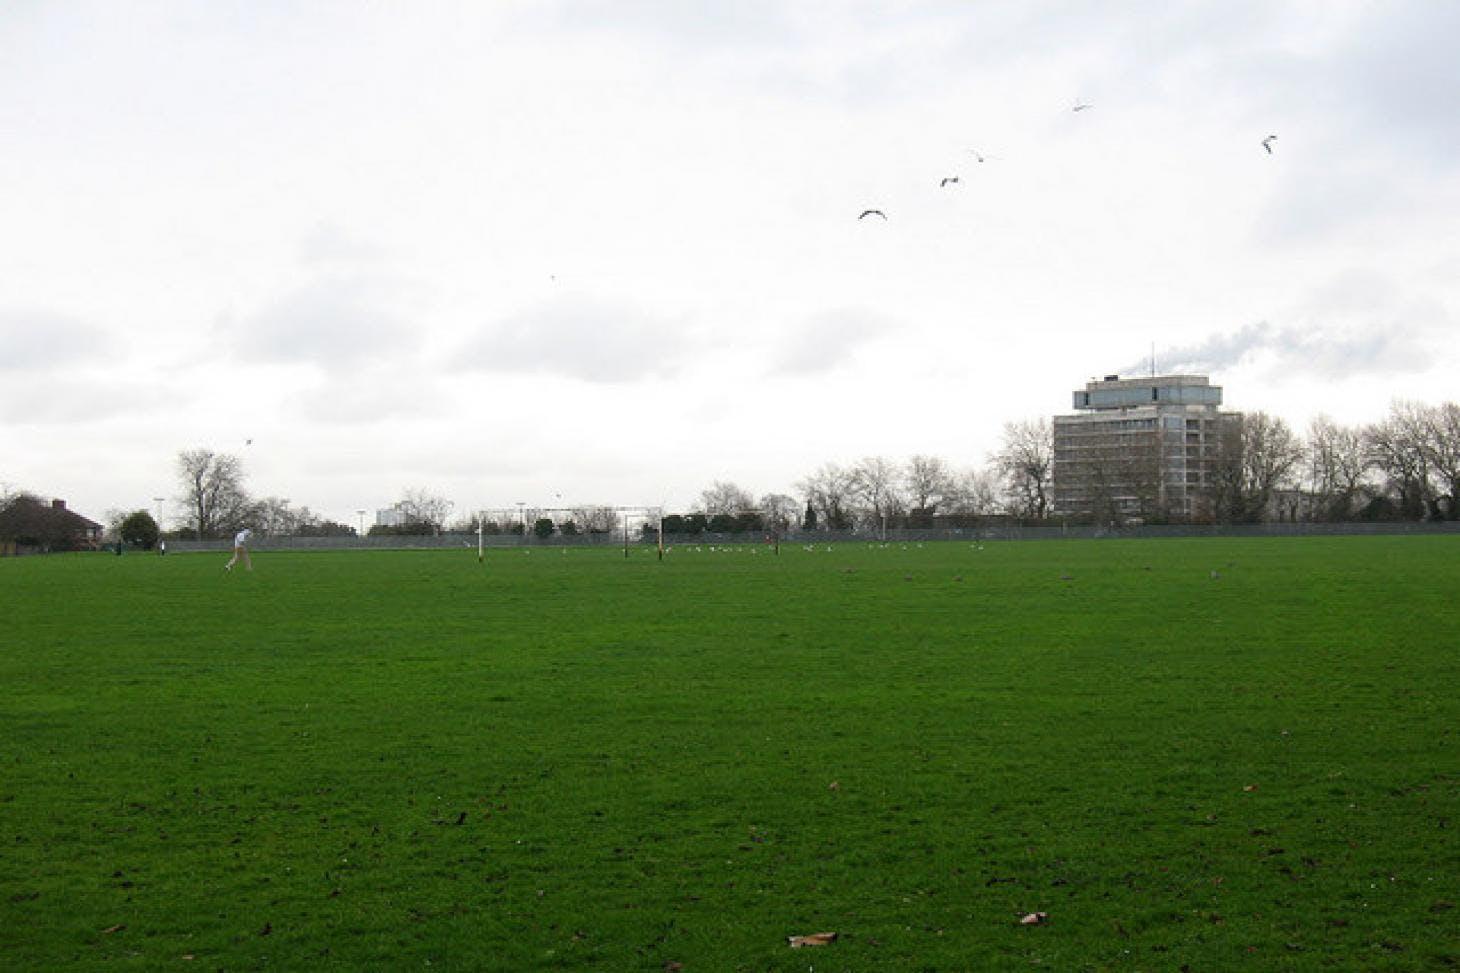 Hornfair Park 11 a side   Grass football pitch